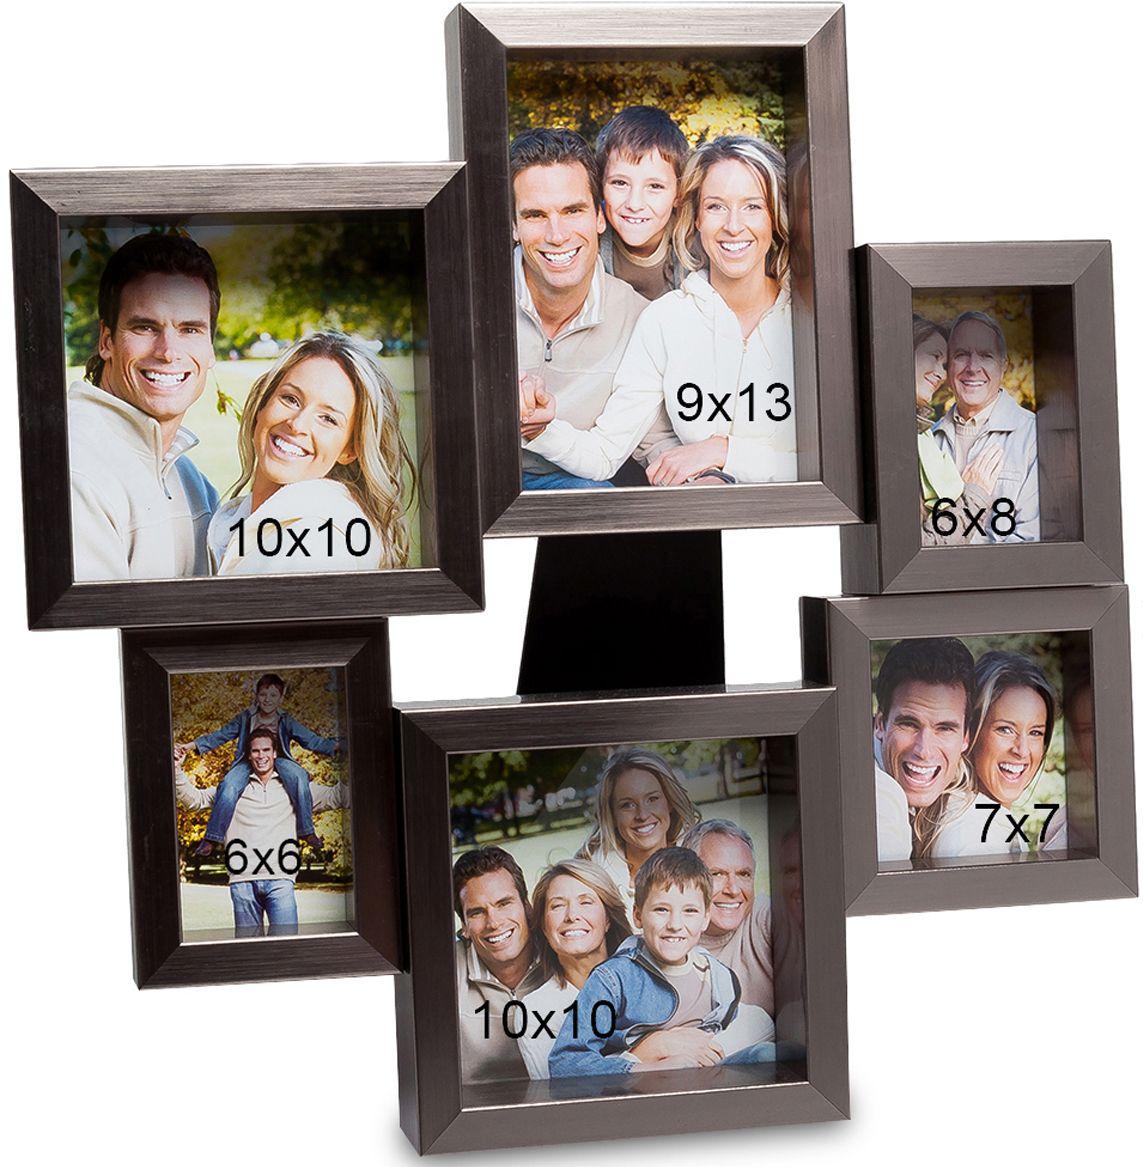 Панно из фоторамок Bellezza Casa Семейная история, на 6 фото: 9х13, 6х8, 7х7, 10х10. CHK-135CHK-135Панно из фоторамок на 6 фото для фотографий 5х8, 9х13, 10х10 и 9х9 см.Фоторамка настенная украсит ваши комнаты красивыми фотографиями. Она необычная, неординарная, рамочки расположены, как бы по кругу и отличаются своим размером. То есть вы сможете вложить в них не только фото одного размера, но и разные. Это могут быть как фото любимого мужа и жены, драгоценных детишек и других членов семьи. На настенной фторамке Семейная история места хватит всем. Она не просто оригинальна, но и красива. И, что в ней привлекает, кроме всего прочего, так это ее цвет. Изысканный, дорогой цвет металла делает и саму рамку дорогой и роскошной.